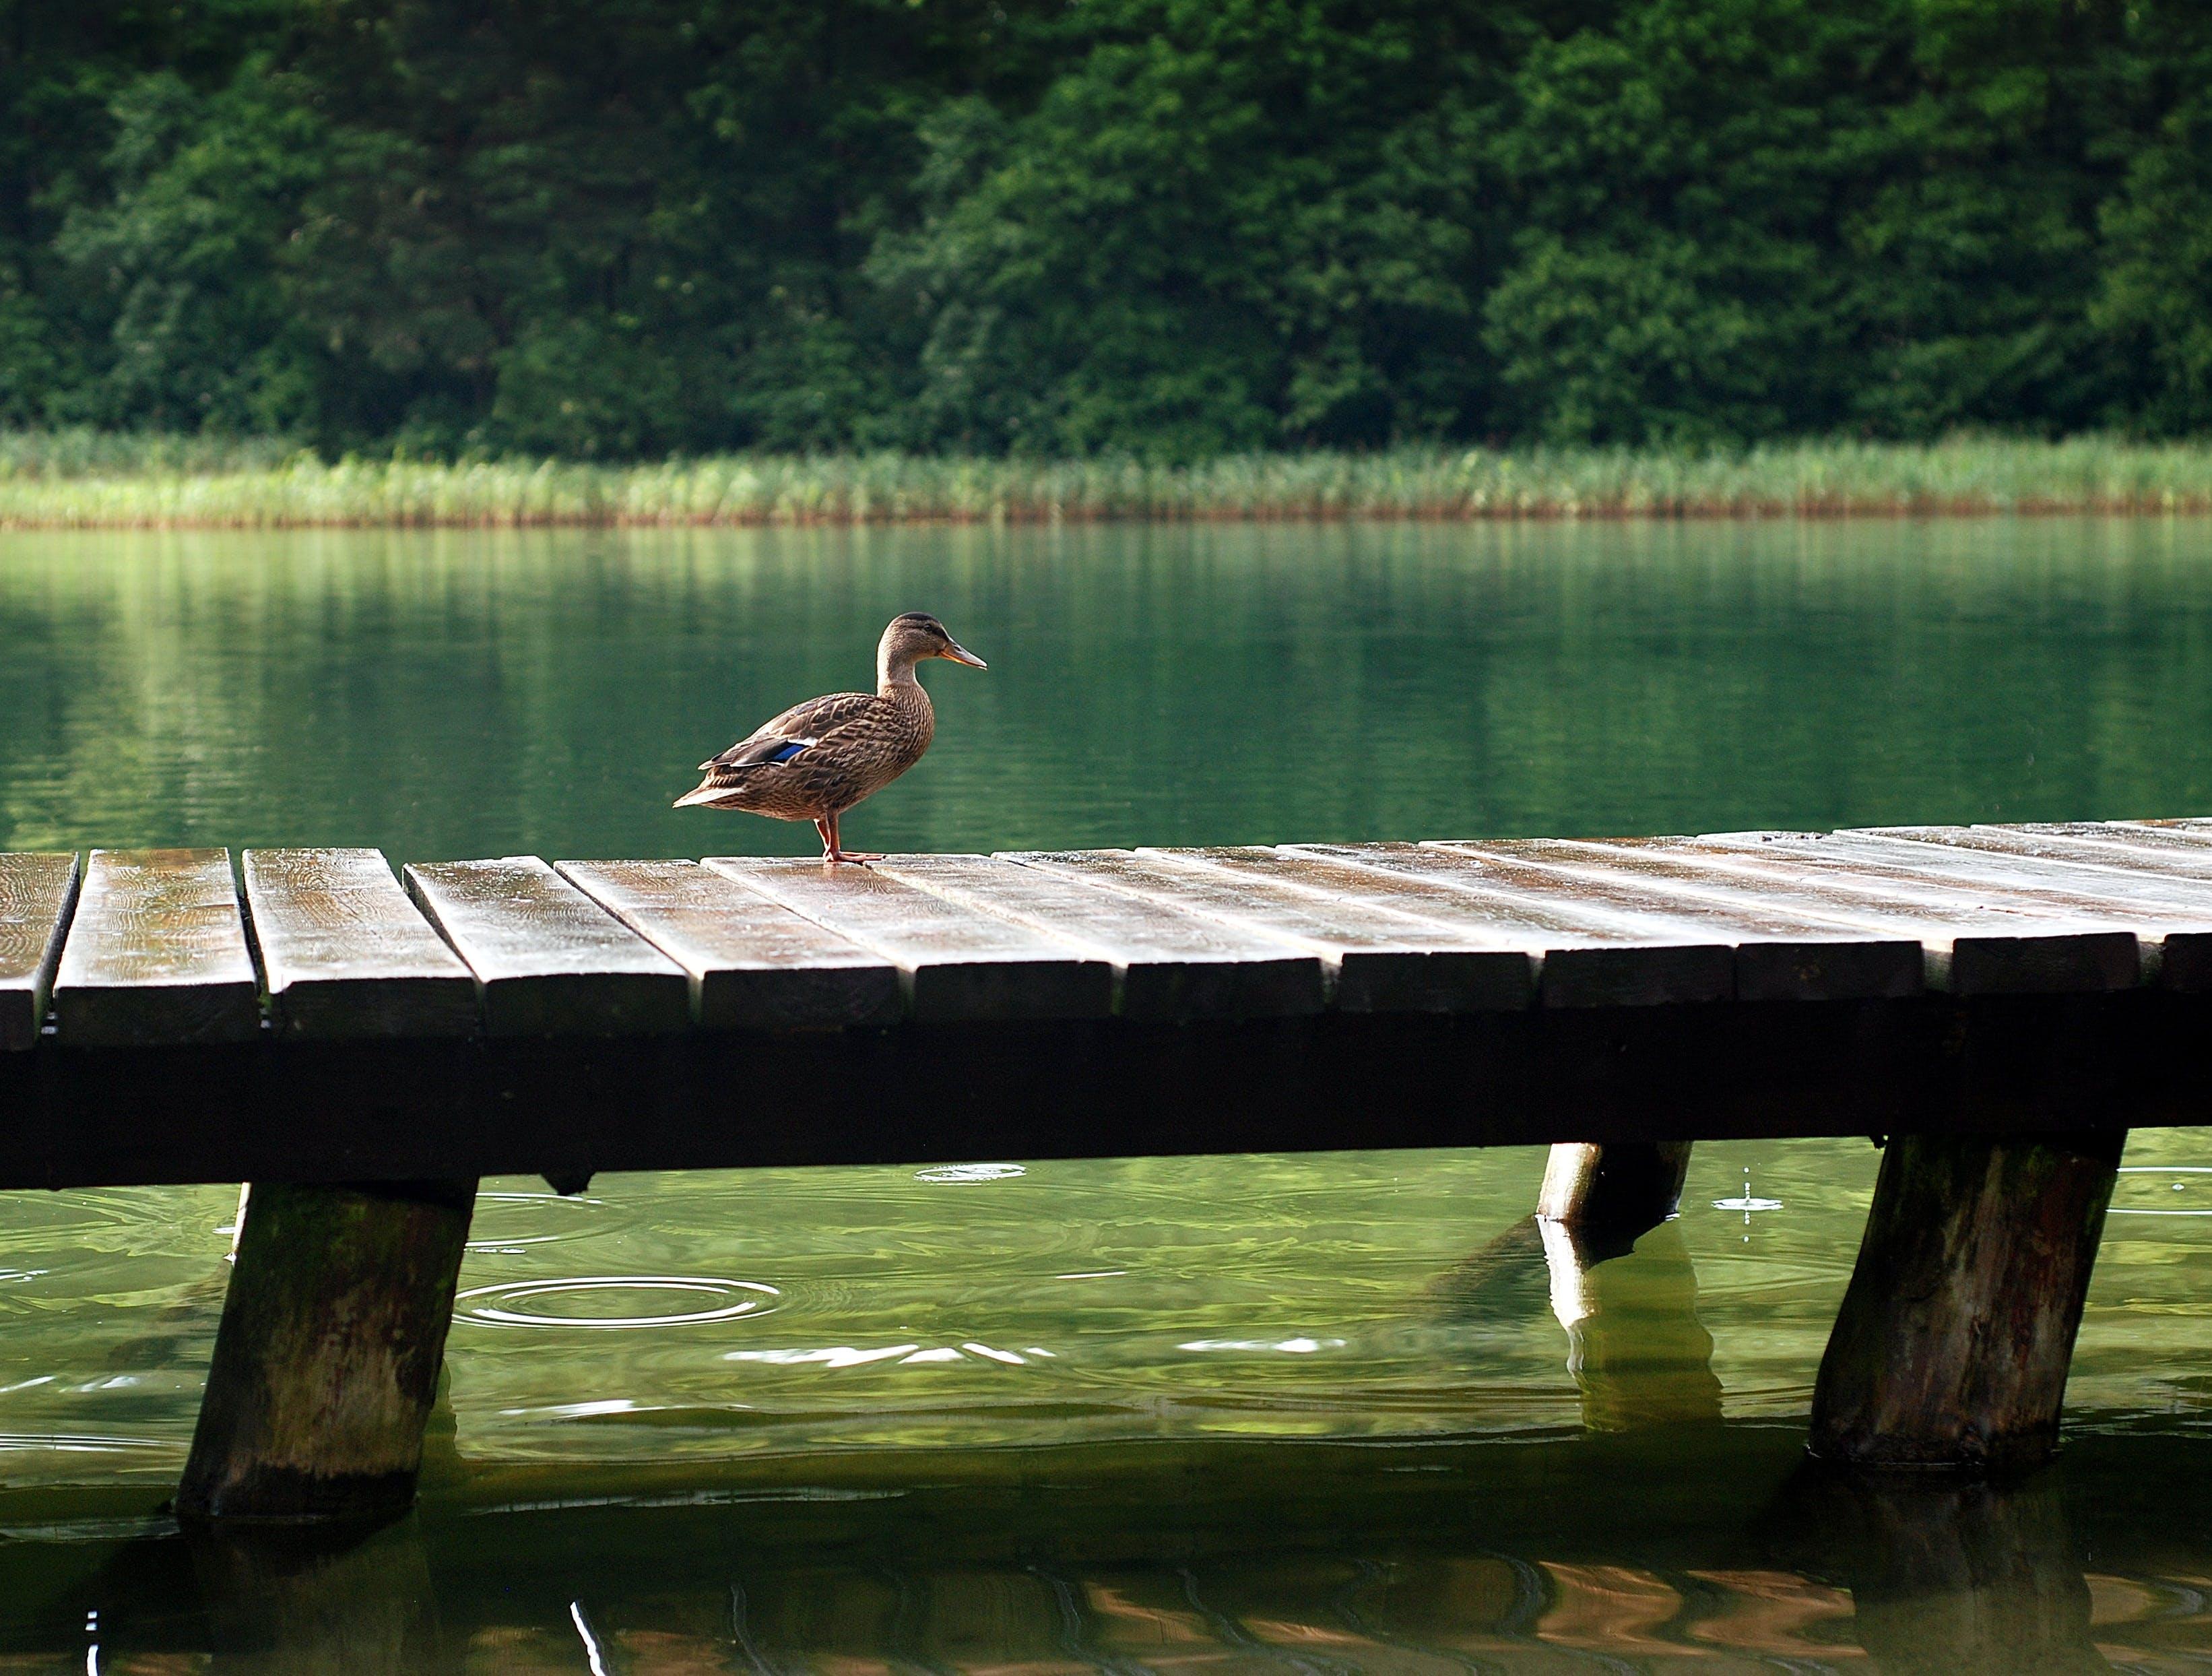 Kostenloses Stock Foto zu holz, anlegesteg, vogel, wasser